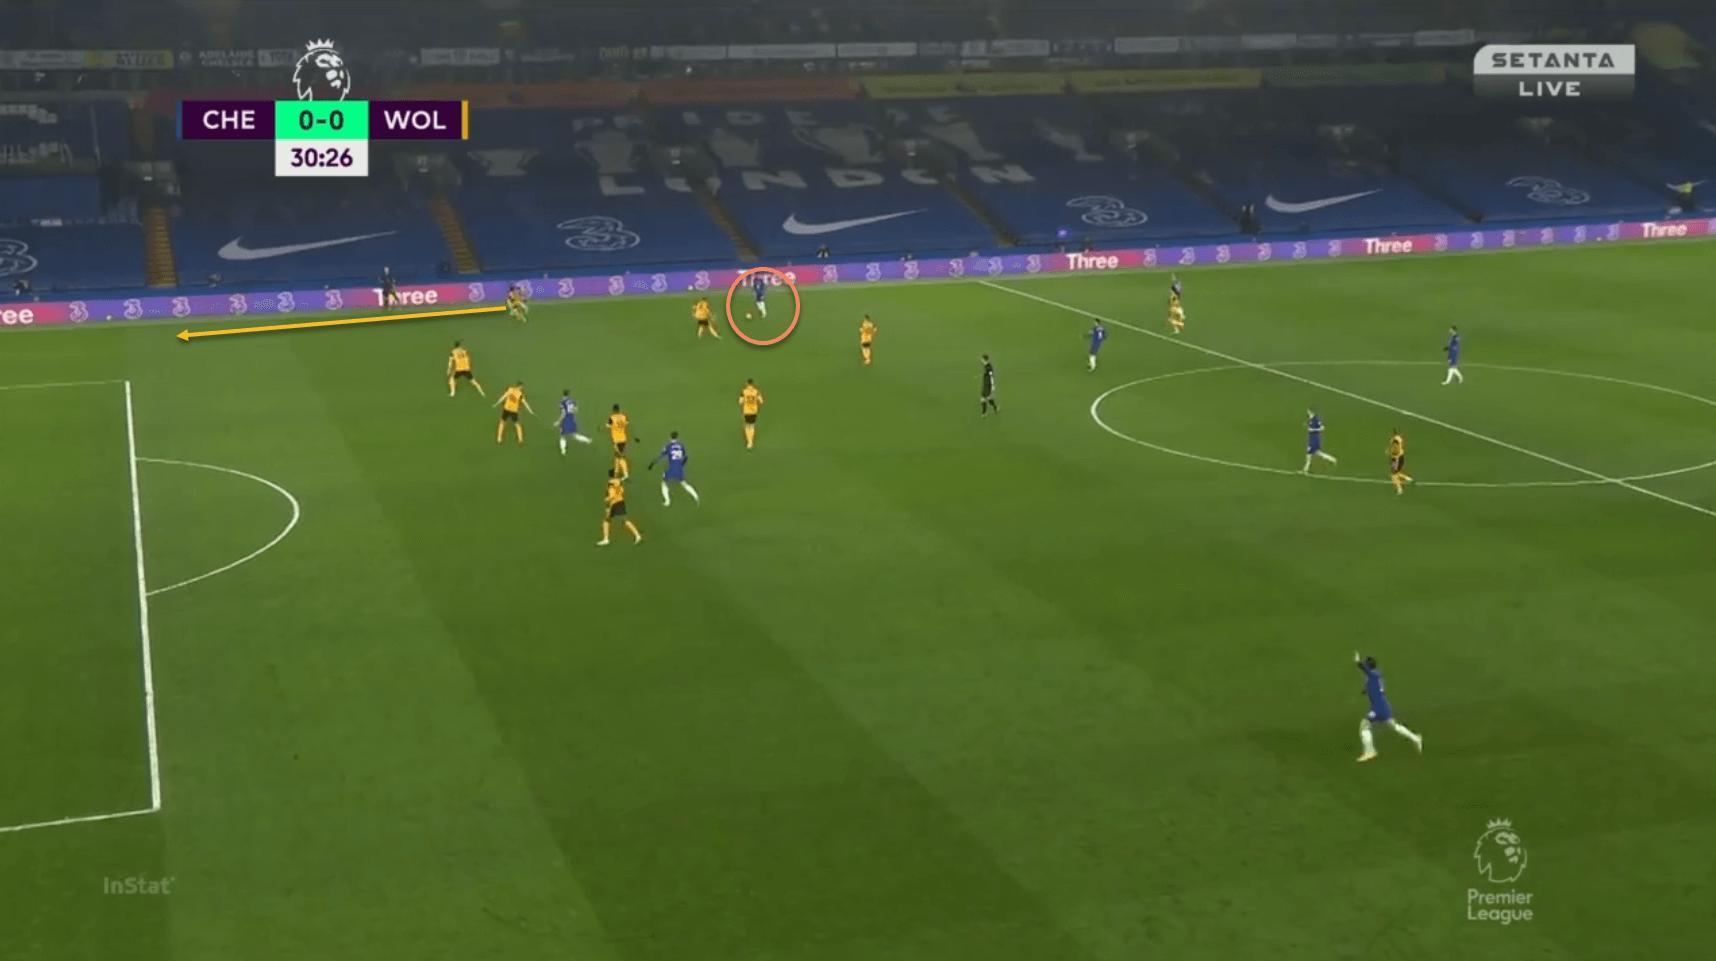 Thomas Tuchel Premier League Wolves tactical analysis tactics